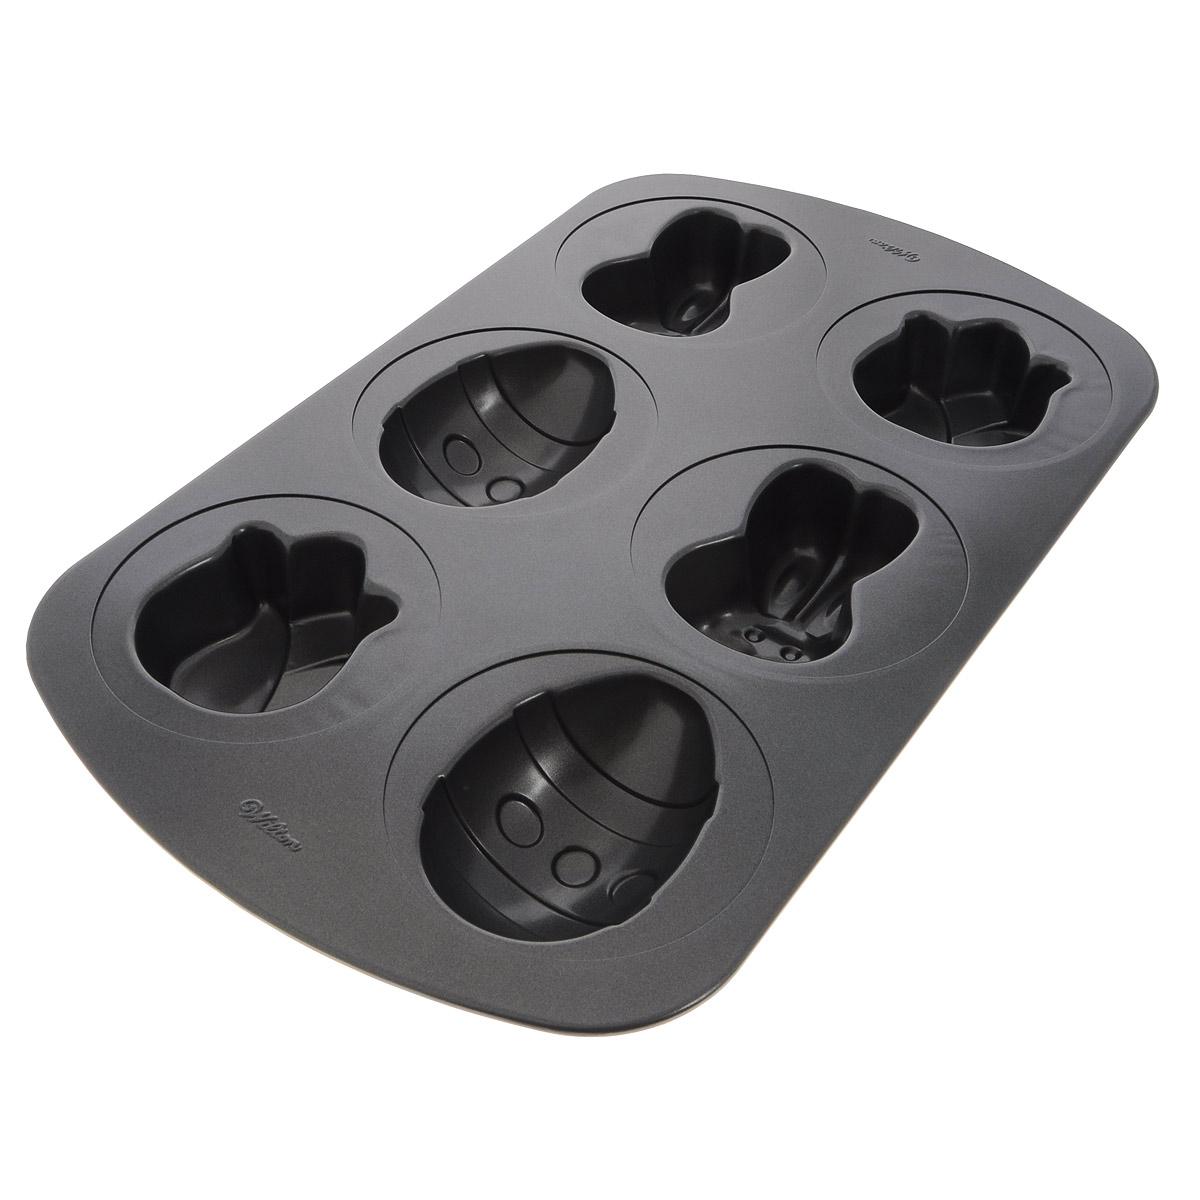 Форма для выпечки Wilton Заяц, тюльпан, пасхальное яйцо, с антипригарным покрытием, 6 ячеекWLT-2105-0420Форма для выпечки праздничного угощения Wilton Заяц, тюльпан, пасхальное яйцо изготовлена из металла с антипригарным покрытием. С таким покрытием пища не пригорает и не прилипает к стенкам. Готовить можно с минимальным количеством подсолнечного масла. Форма содержит 6 ячеек в виде зайца, пасхального яйца, тюльпана. Простая в уходе и долговечная в использовании форма будет верной помощницей в создании ваших кулинарных шедевров. Можно мыть в посудомоечной машине. Размер формы: 26 см x 42 см х 4 см.Размер ячейки заяц: 5 см х 8 см х 3,8 см.Размер ячейки тюльпан: 7 см х 6 см х 3,8 см.Размер ячейки пасхальное яйцо: 10,5 см х 7 см х 3,8 см.